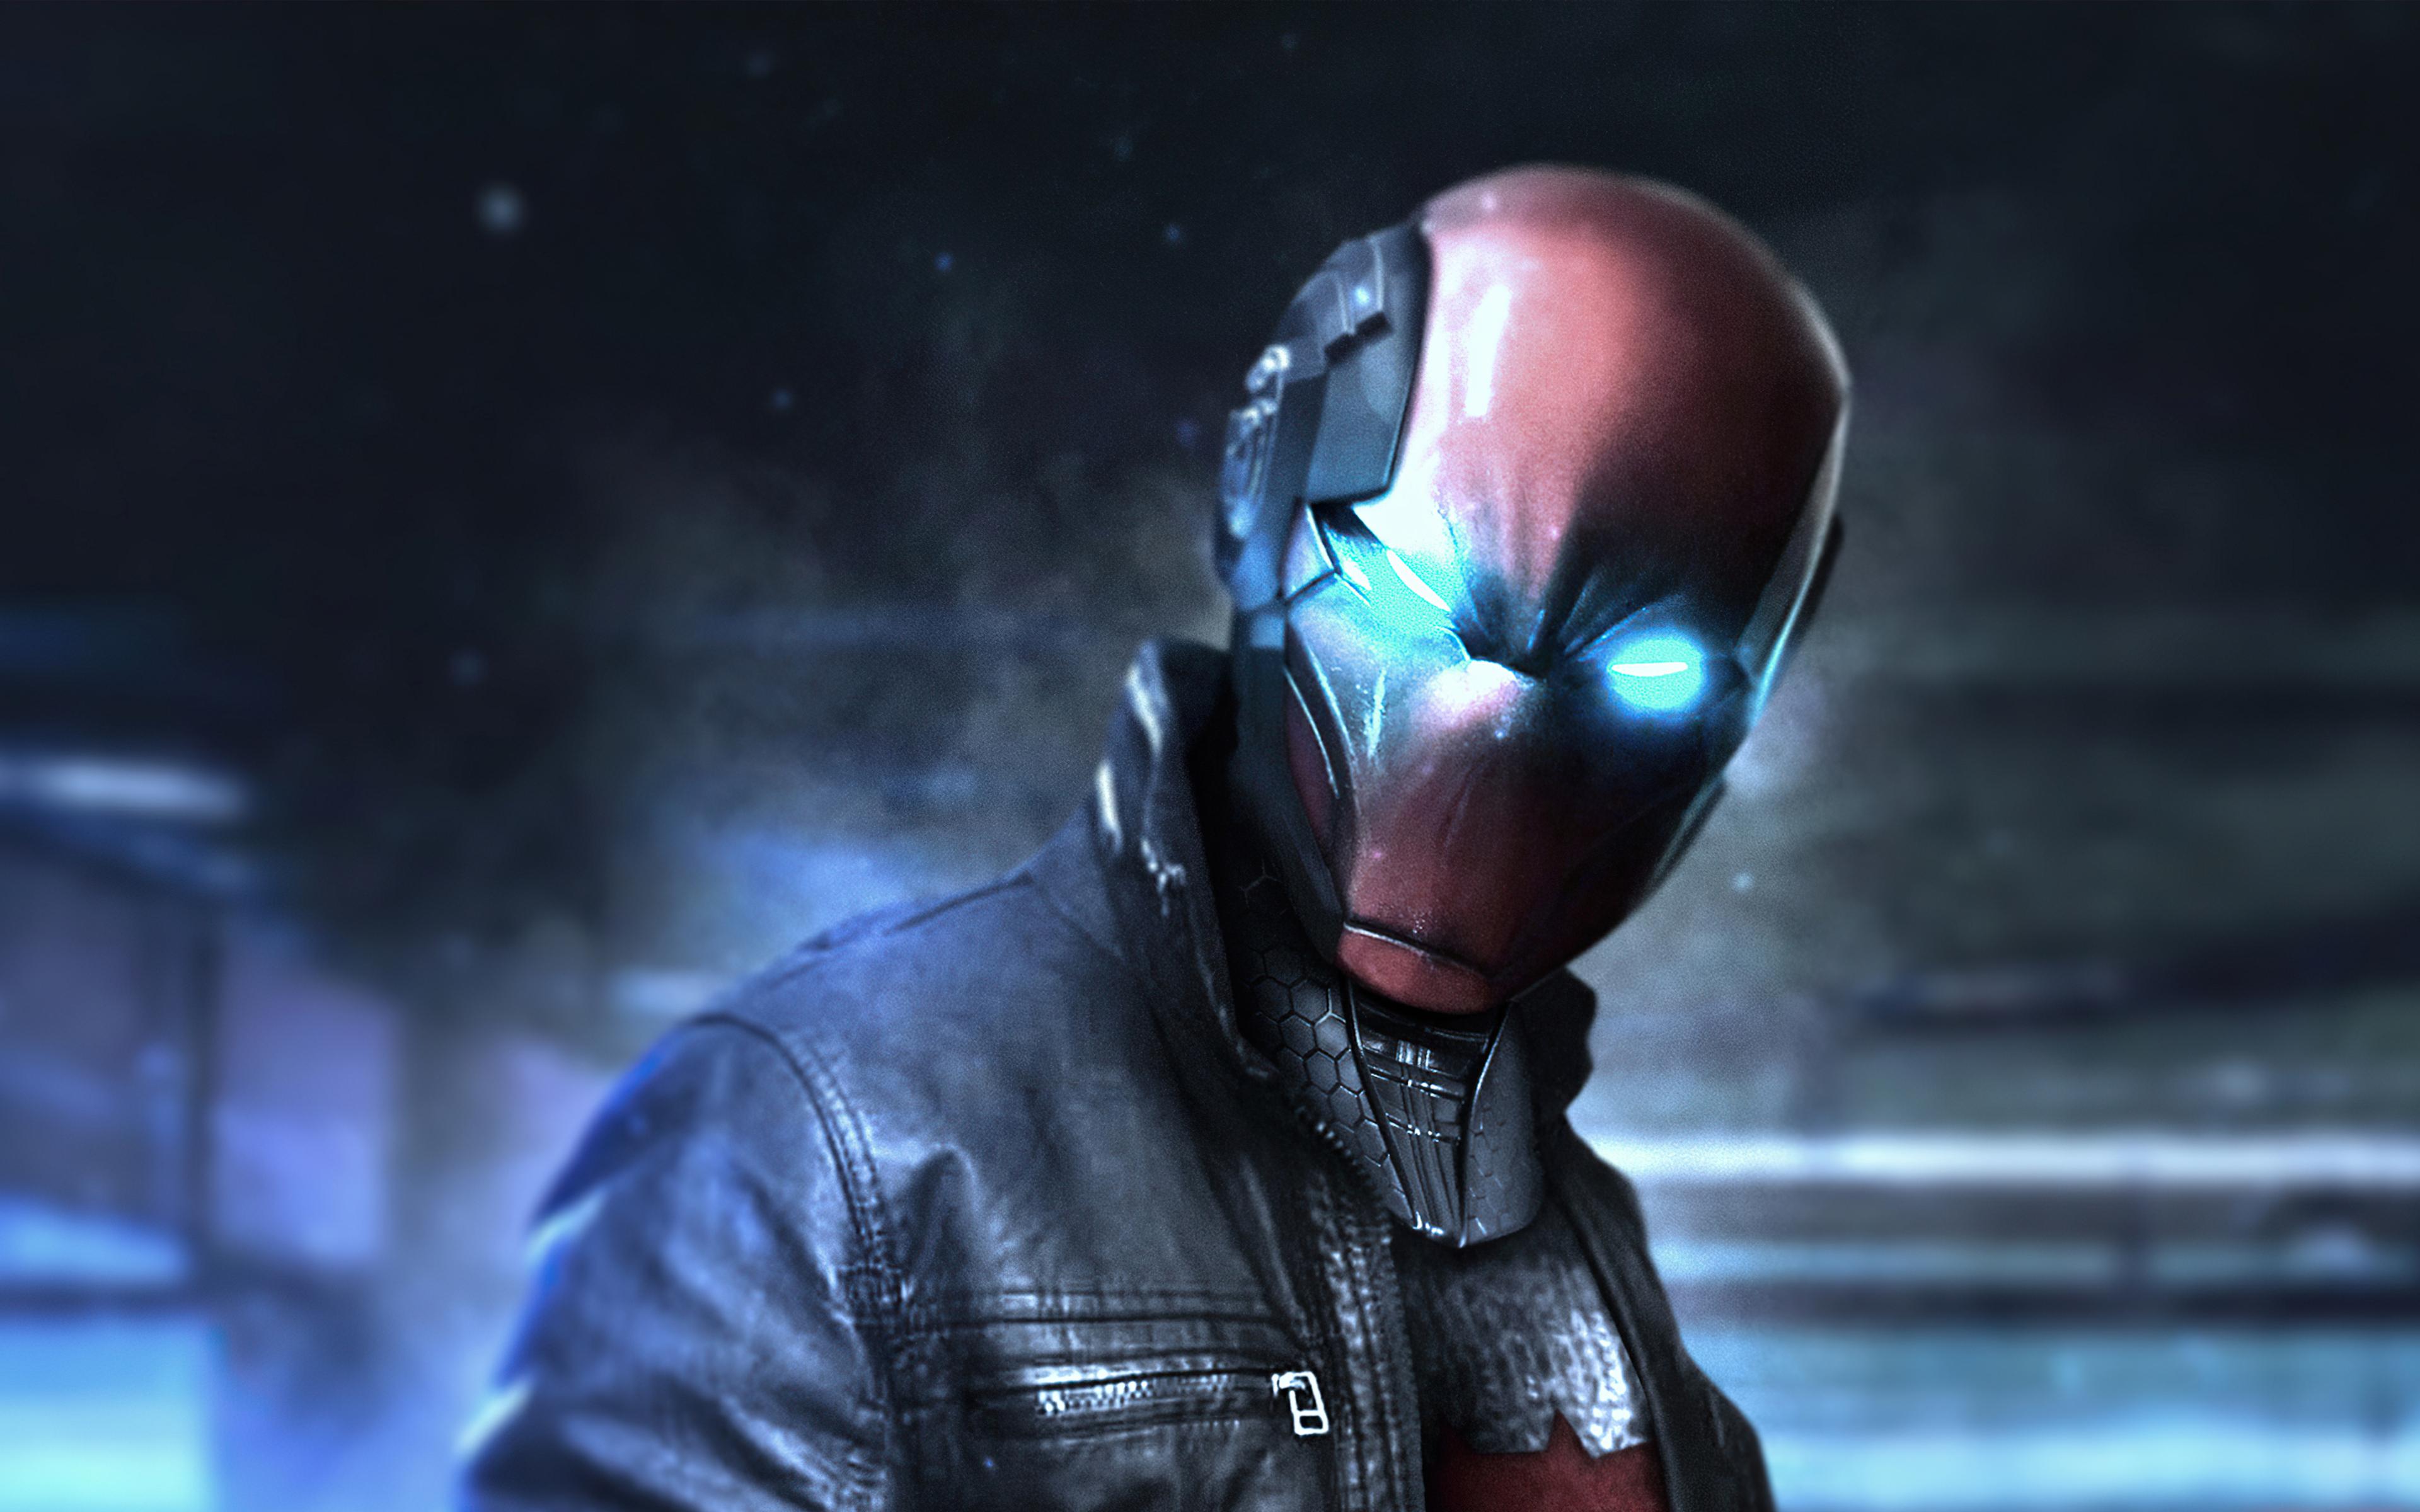 the-red-hood-glowing-eyes-4k-gx.jpg